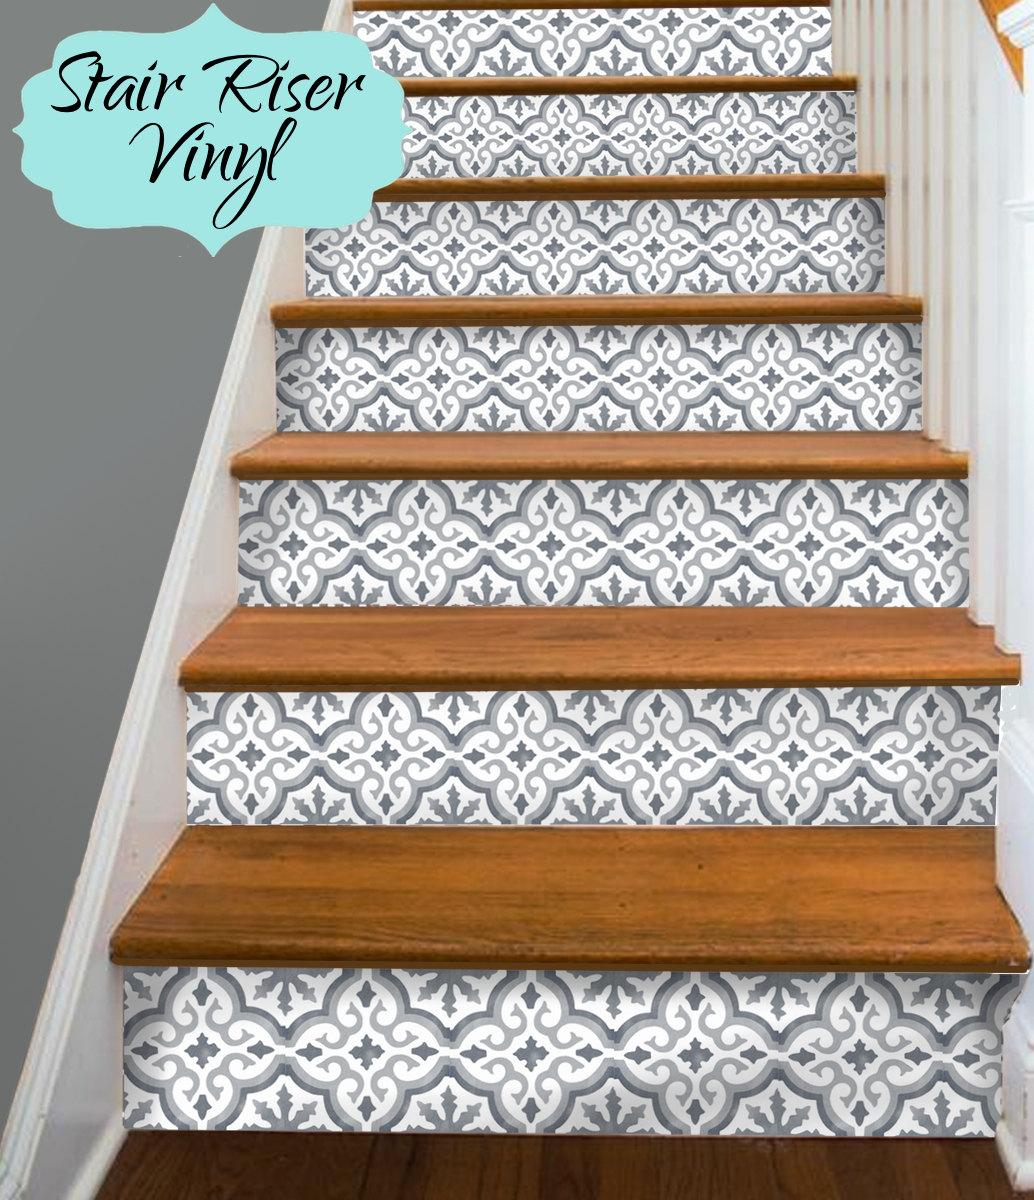 15 Streifen Stair Riser Vinyl Aufkleber abnehmbare Aufkleber | Etsy